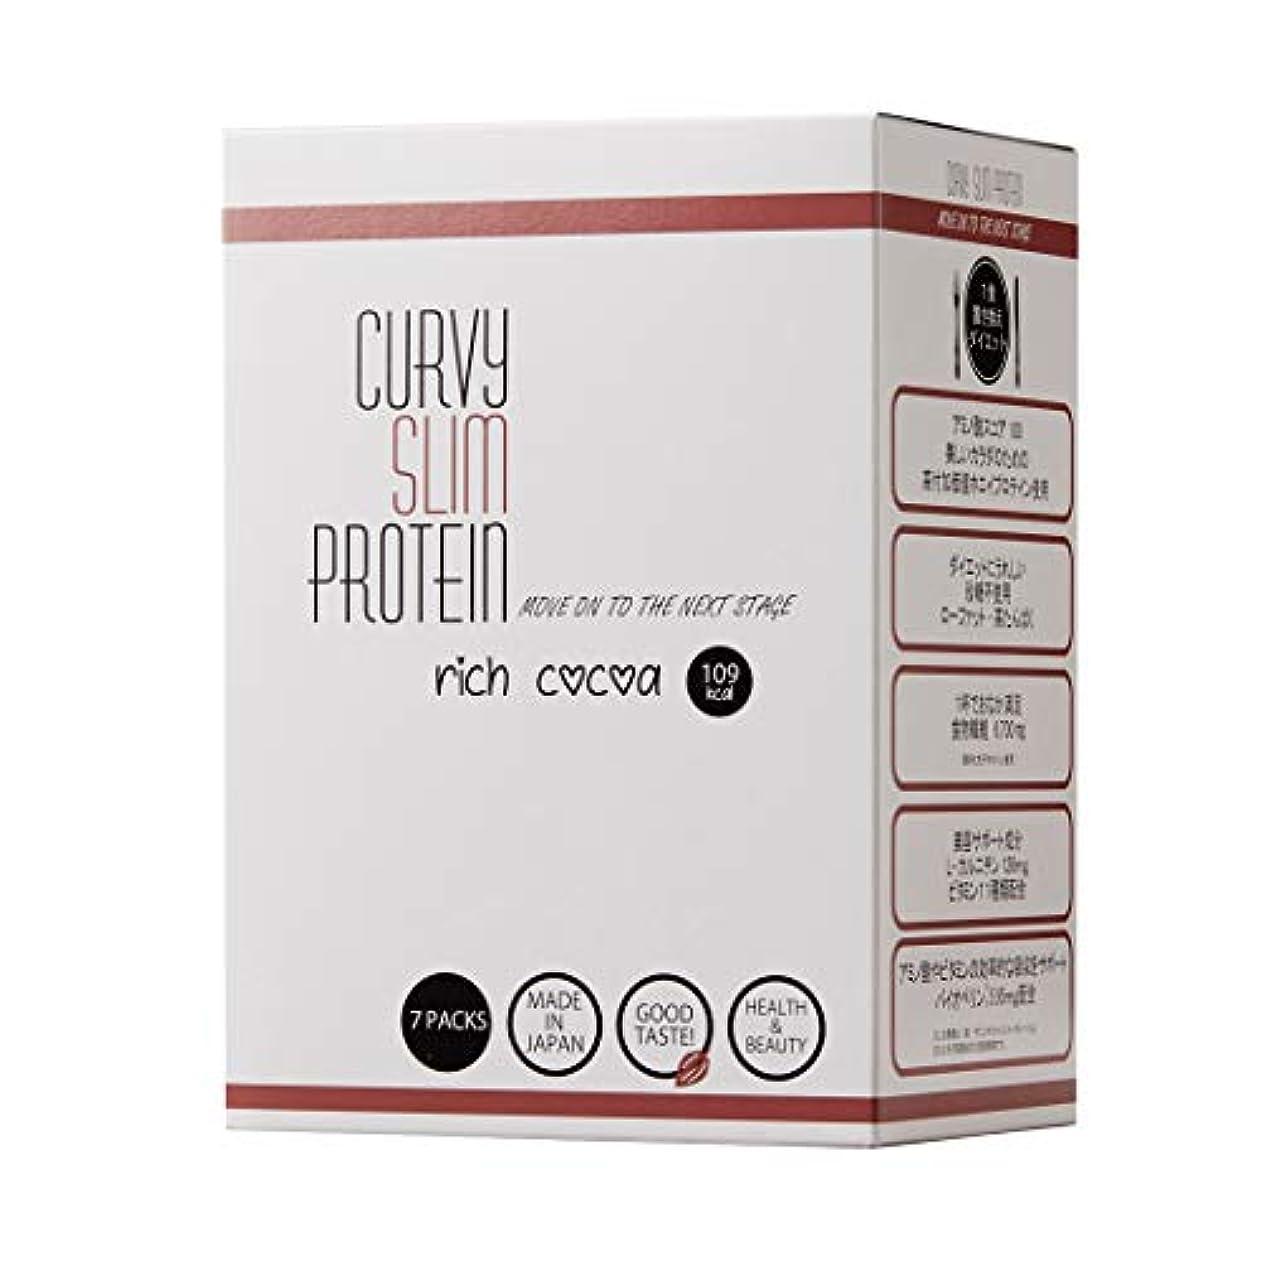 合併症作ります捧げるカーヴィースリム® プロテイン リッチココア 置き換え ダイエット 7包(7食分)